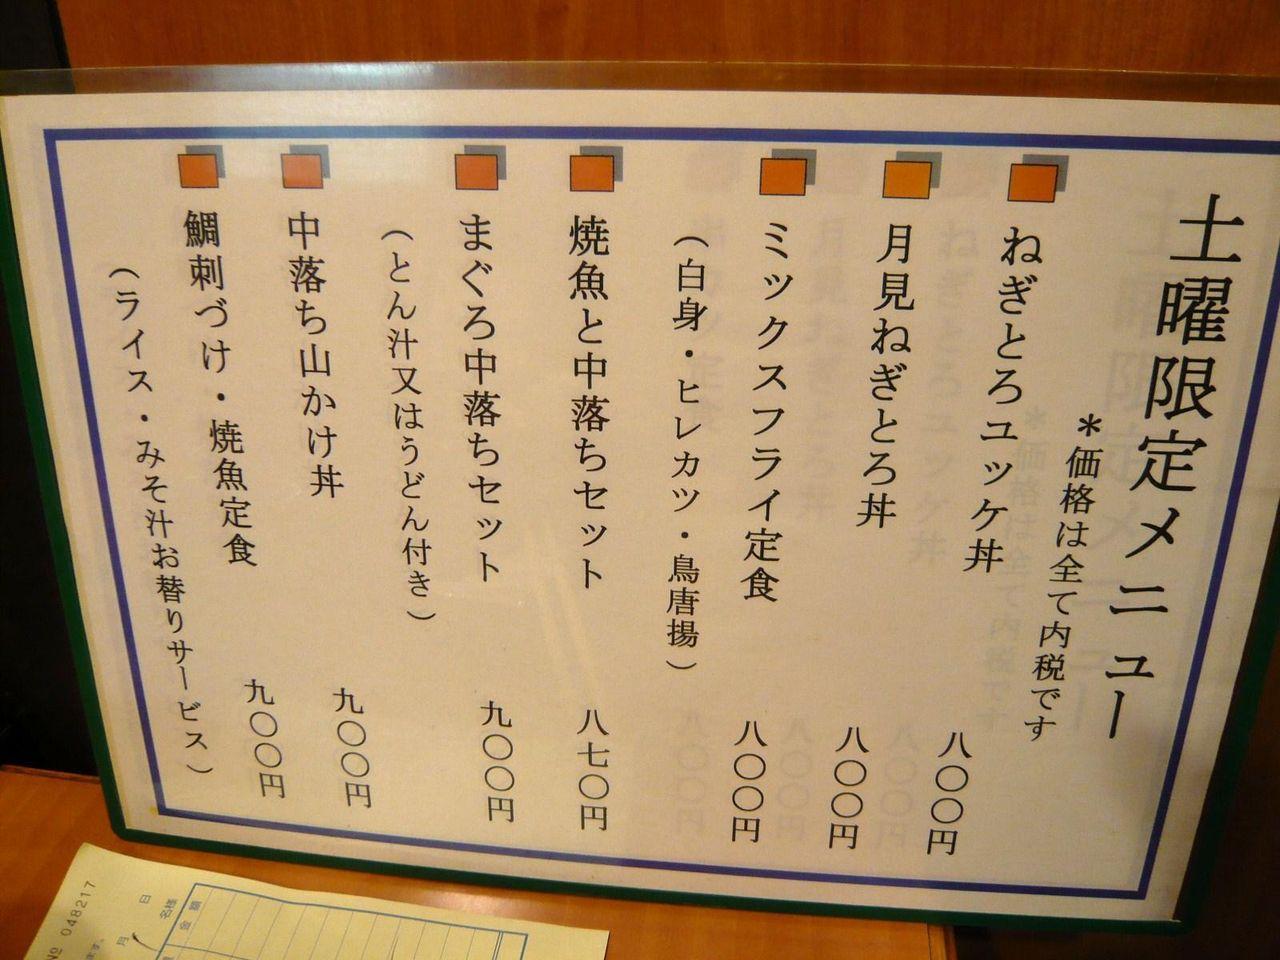 玉乃光酒造雄町店の土曜日ランチメニュー(23年1月現在)